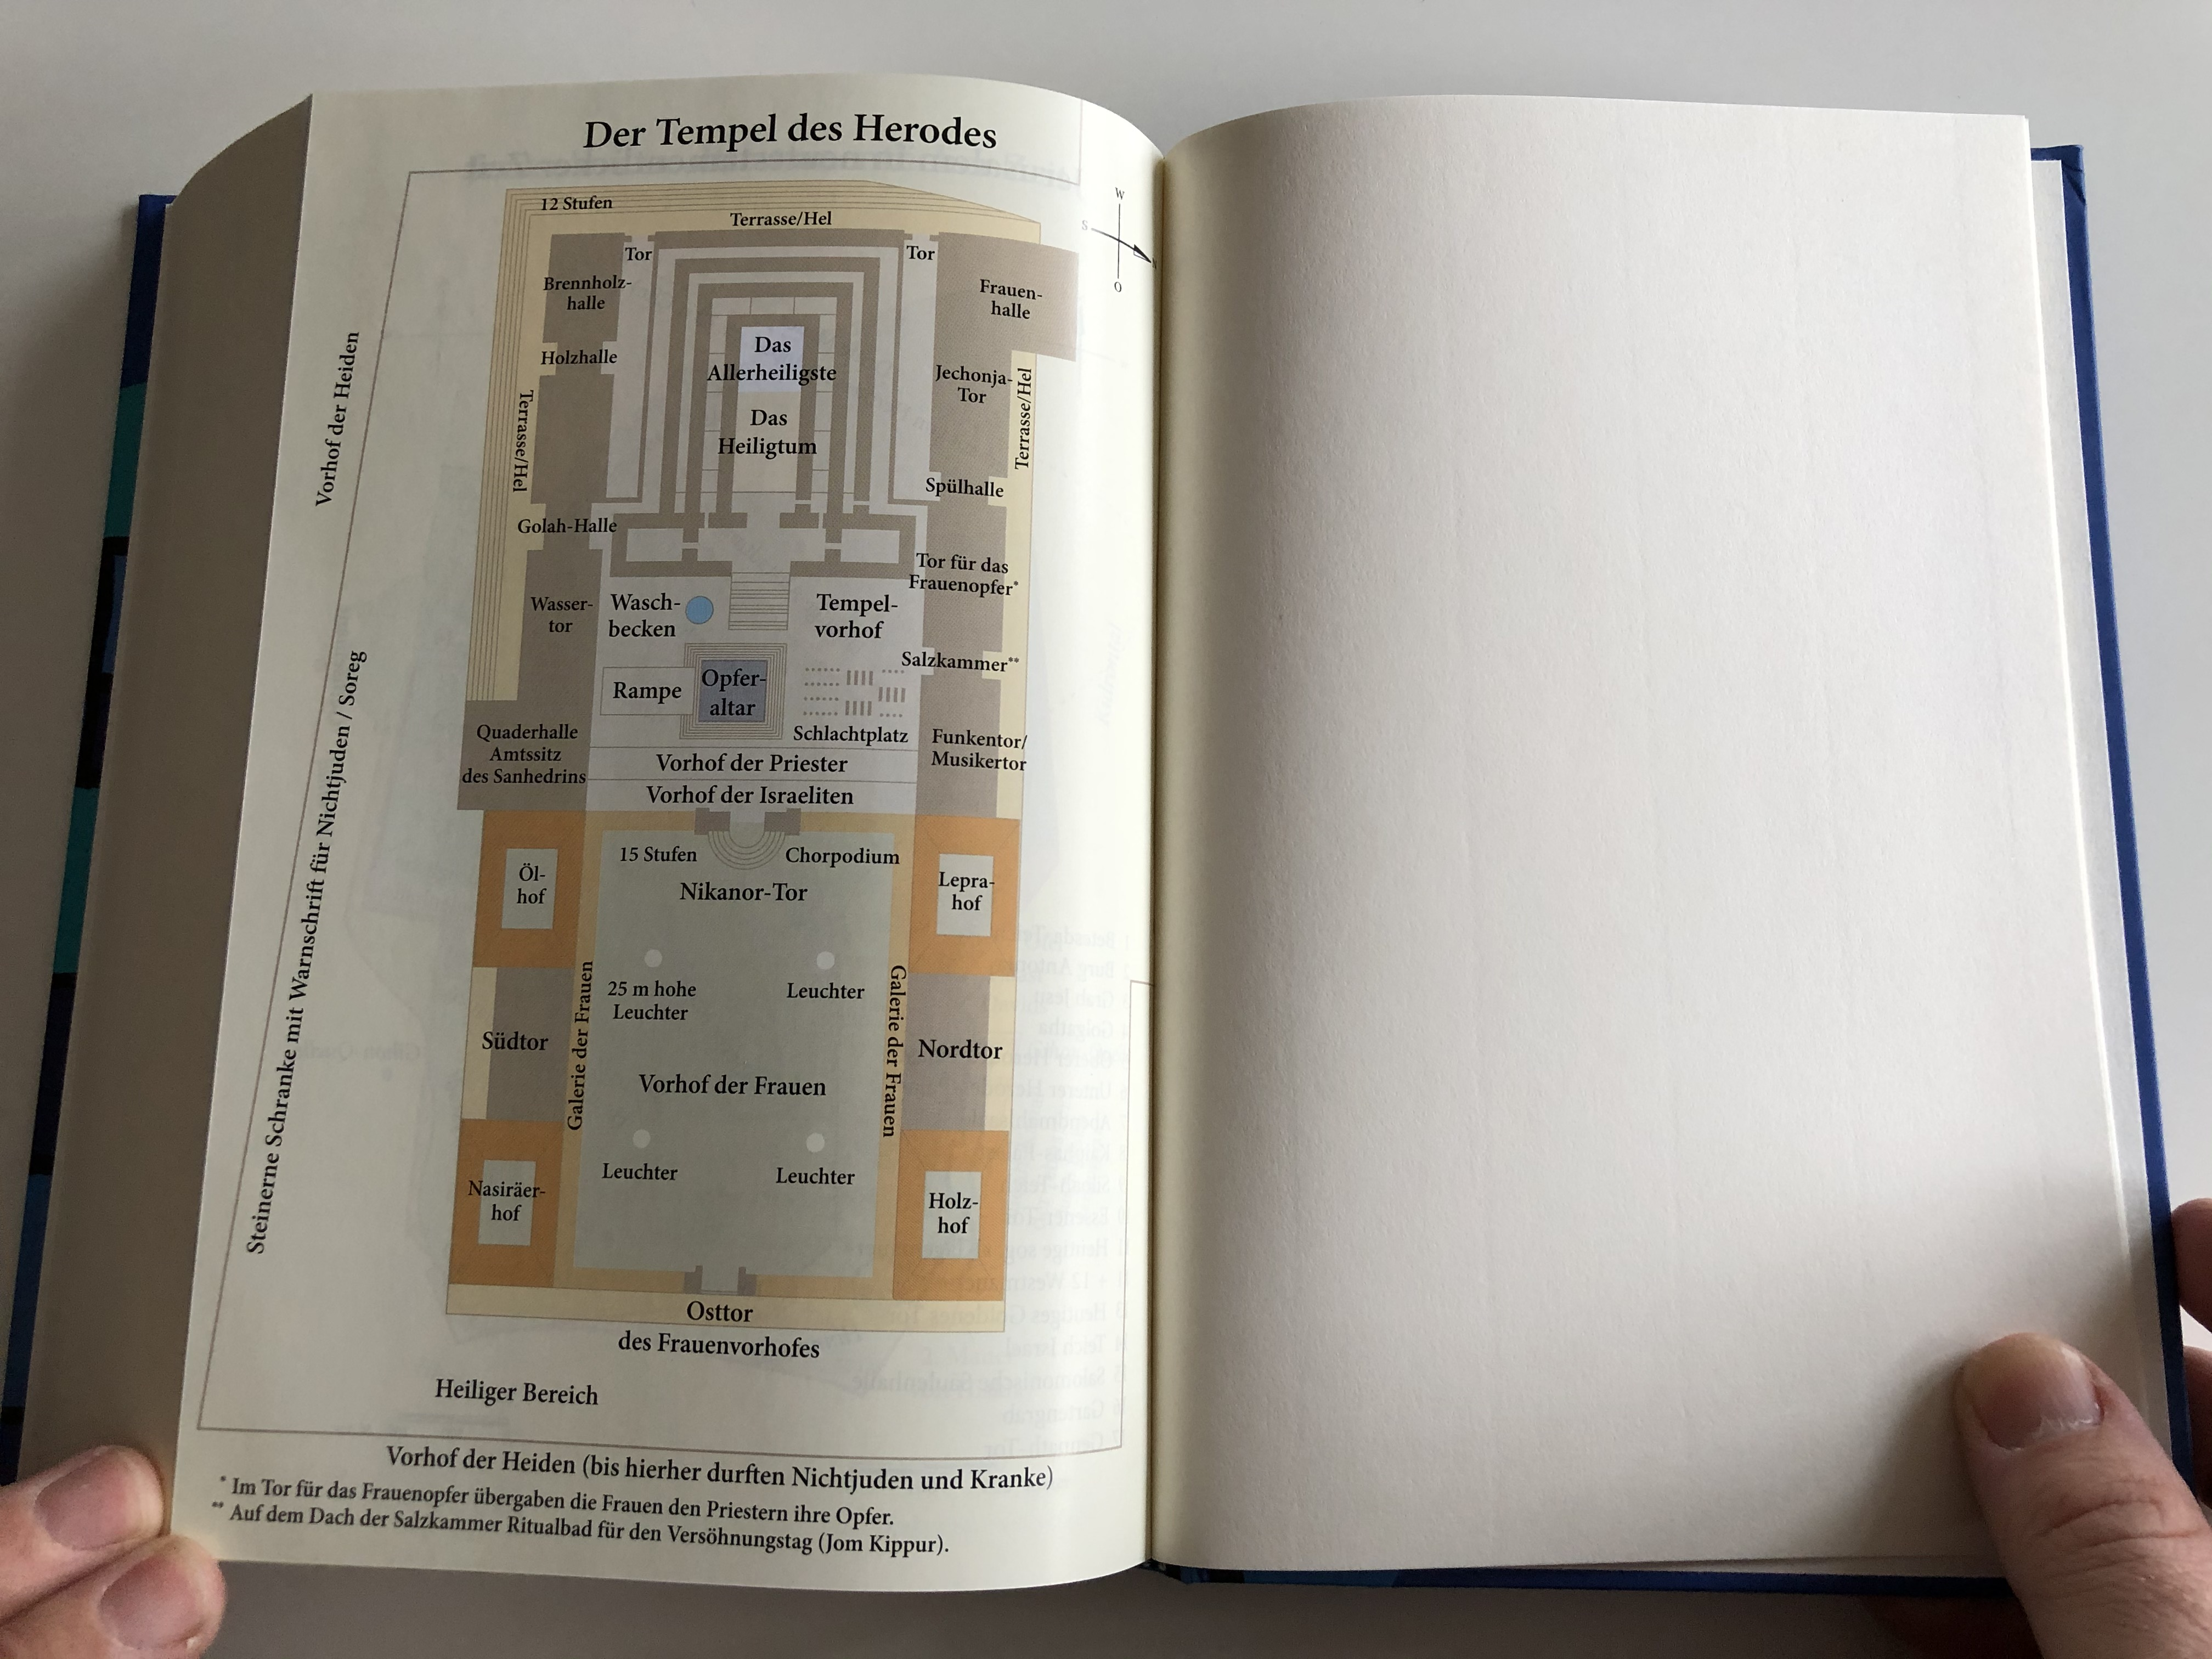 elberfelder-bibel-motiv-kirchenfenster-fisch-bible-in-german-language-13.jpg